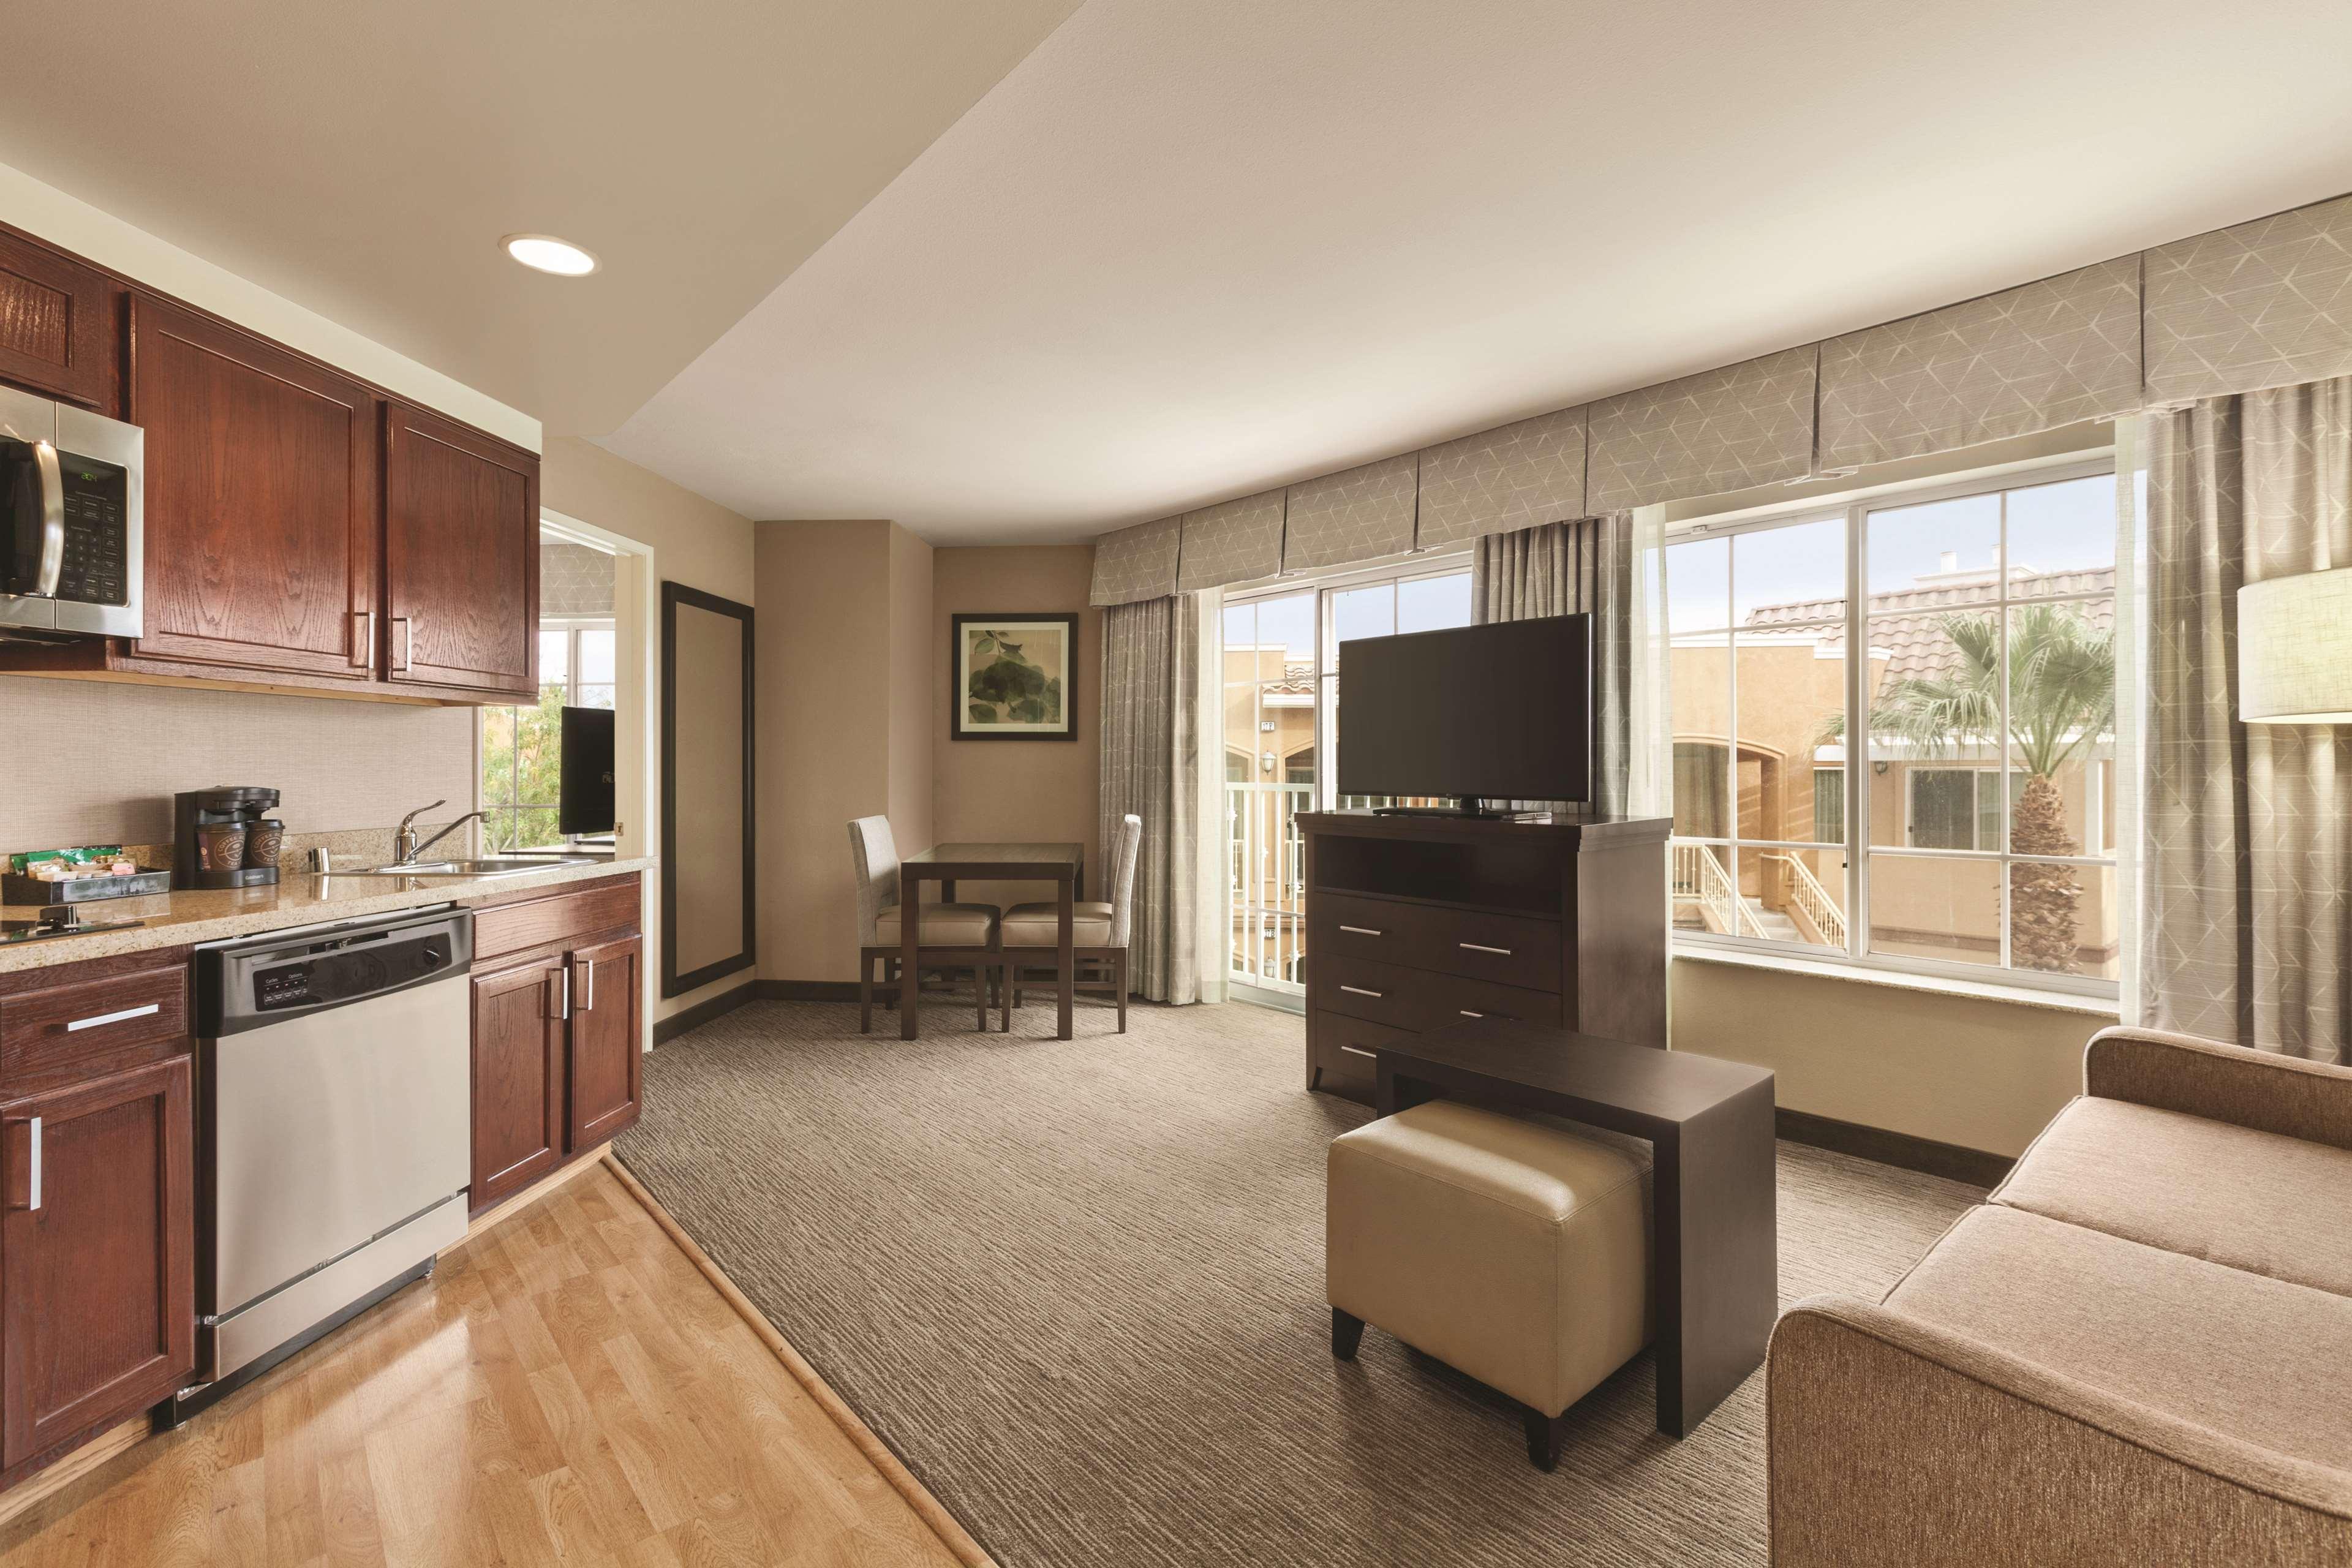 Homewood Suites by Hilton La Quinta image 31